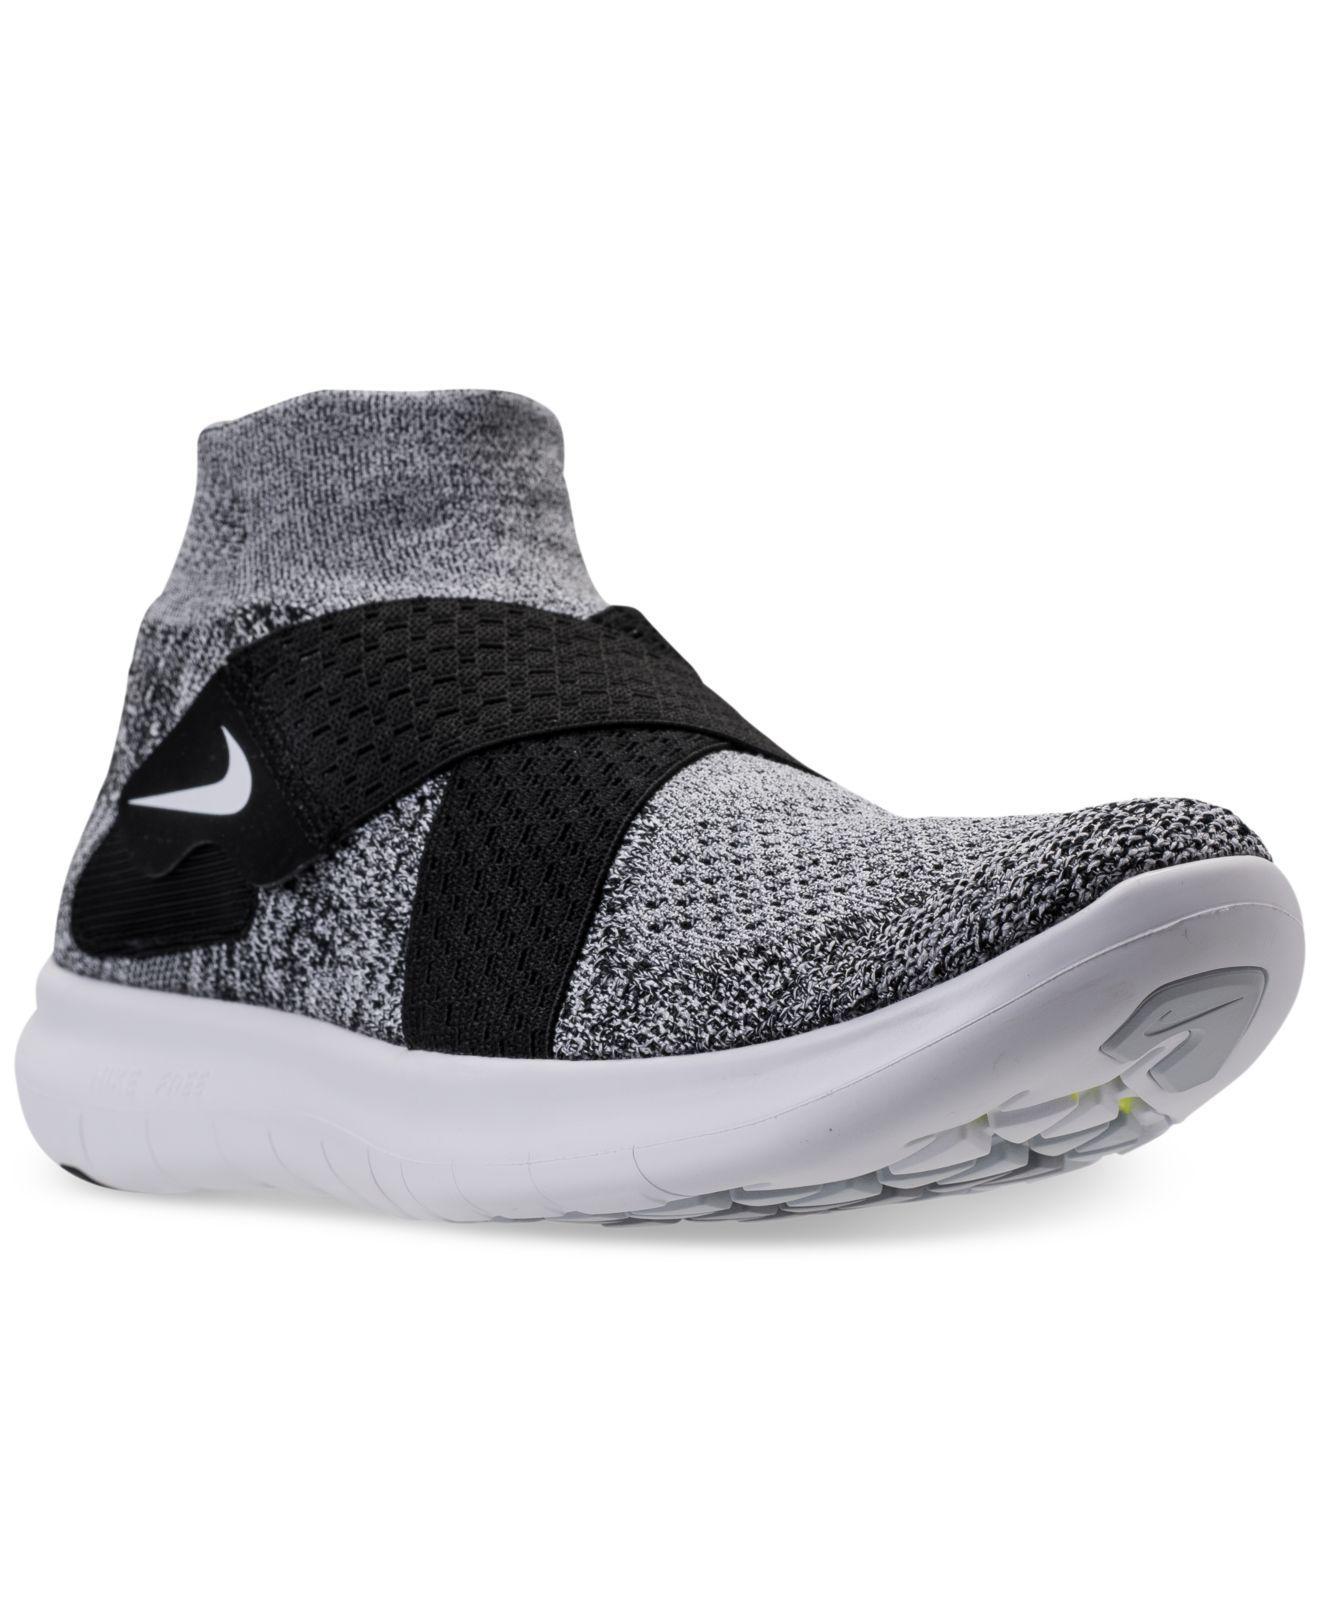 f5089f289e5b Lyst - Nike Women s Free Run Motion Flyknit 2017 Running Sneakers ...